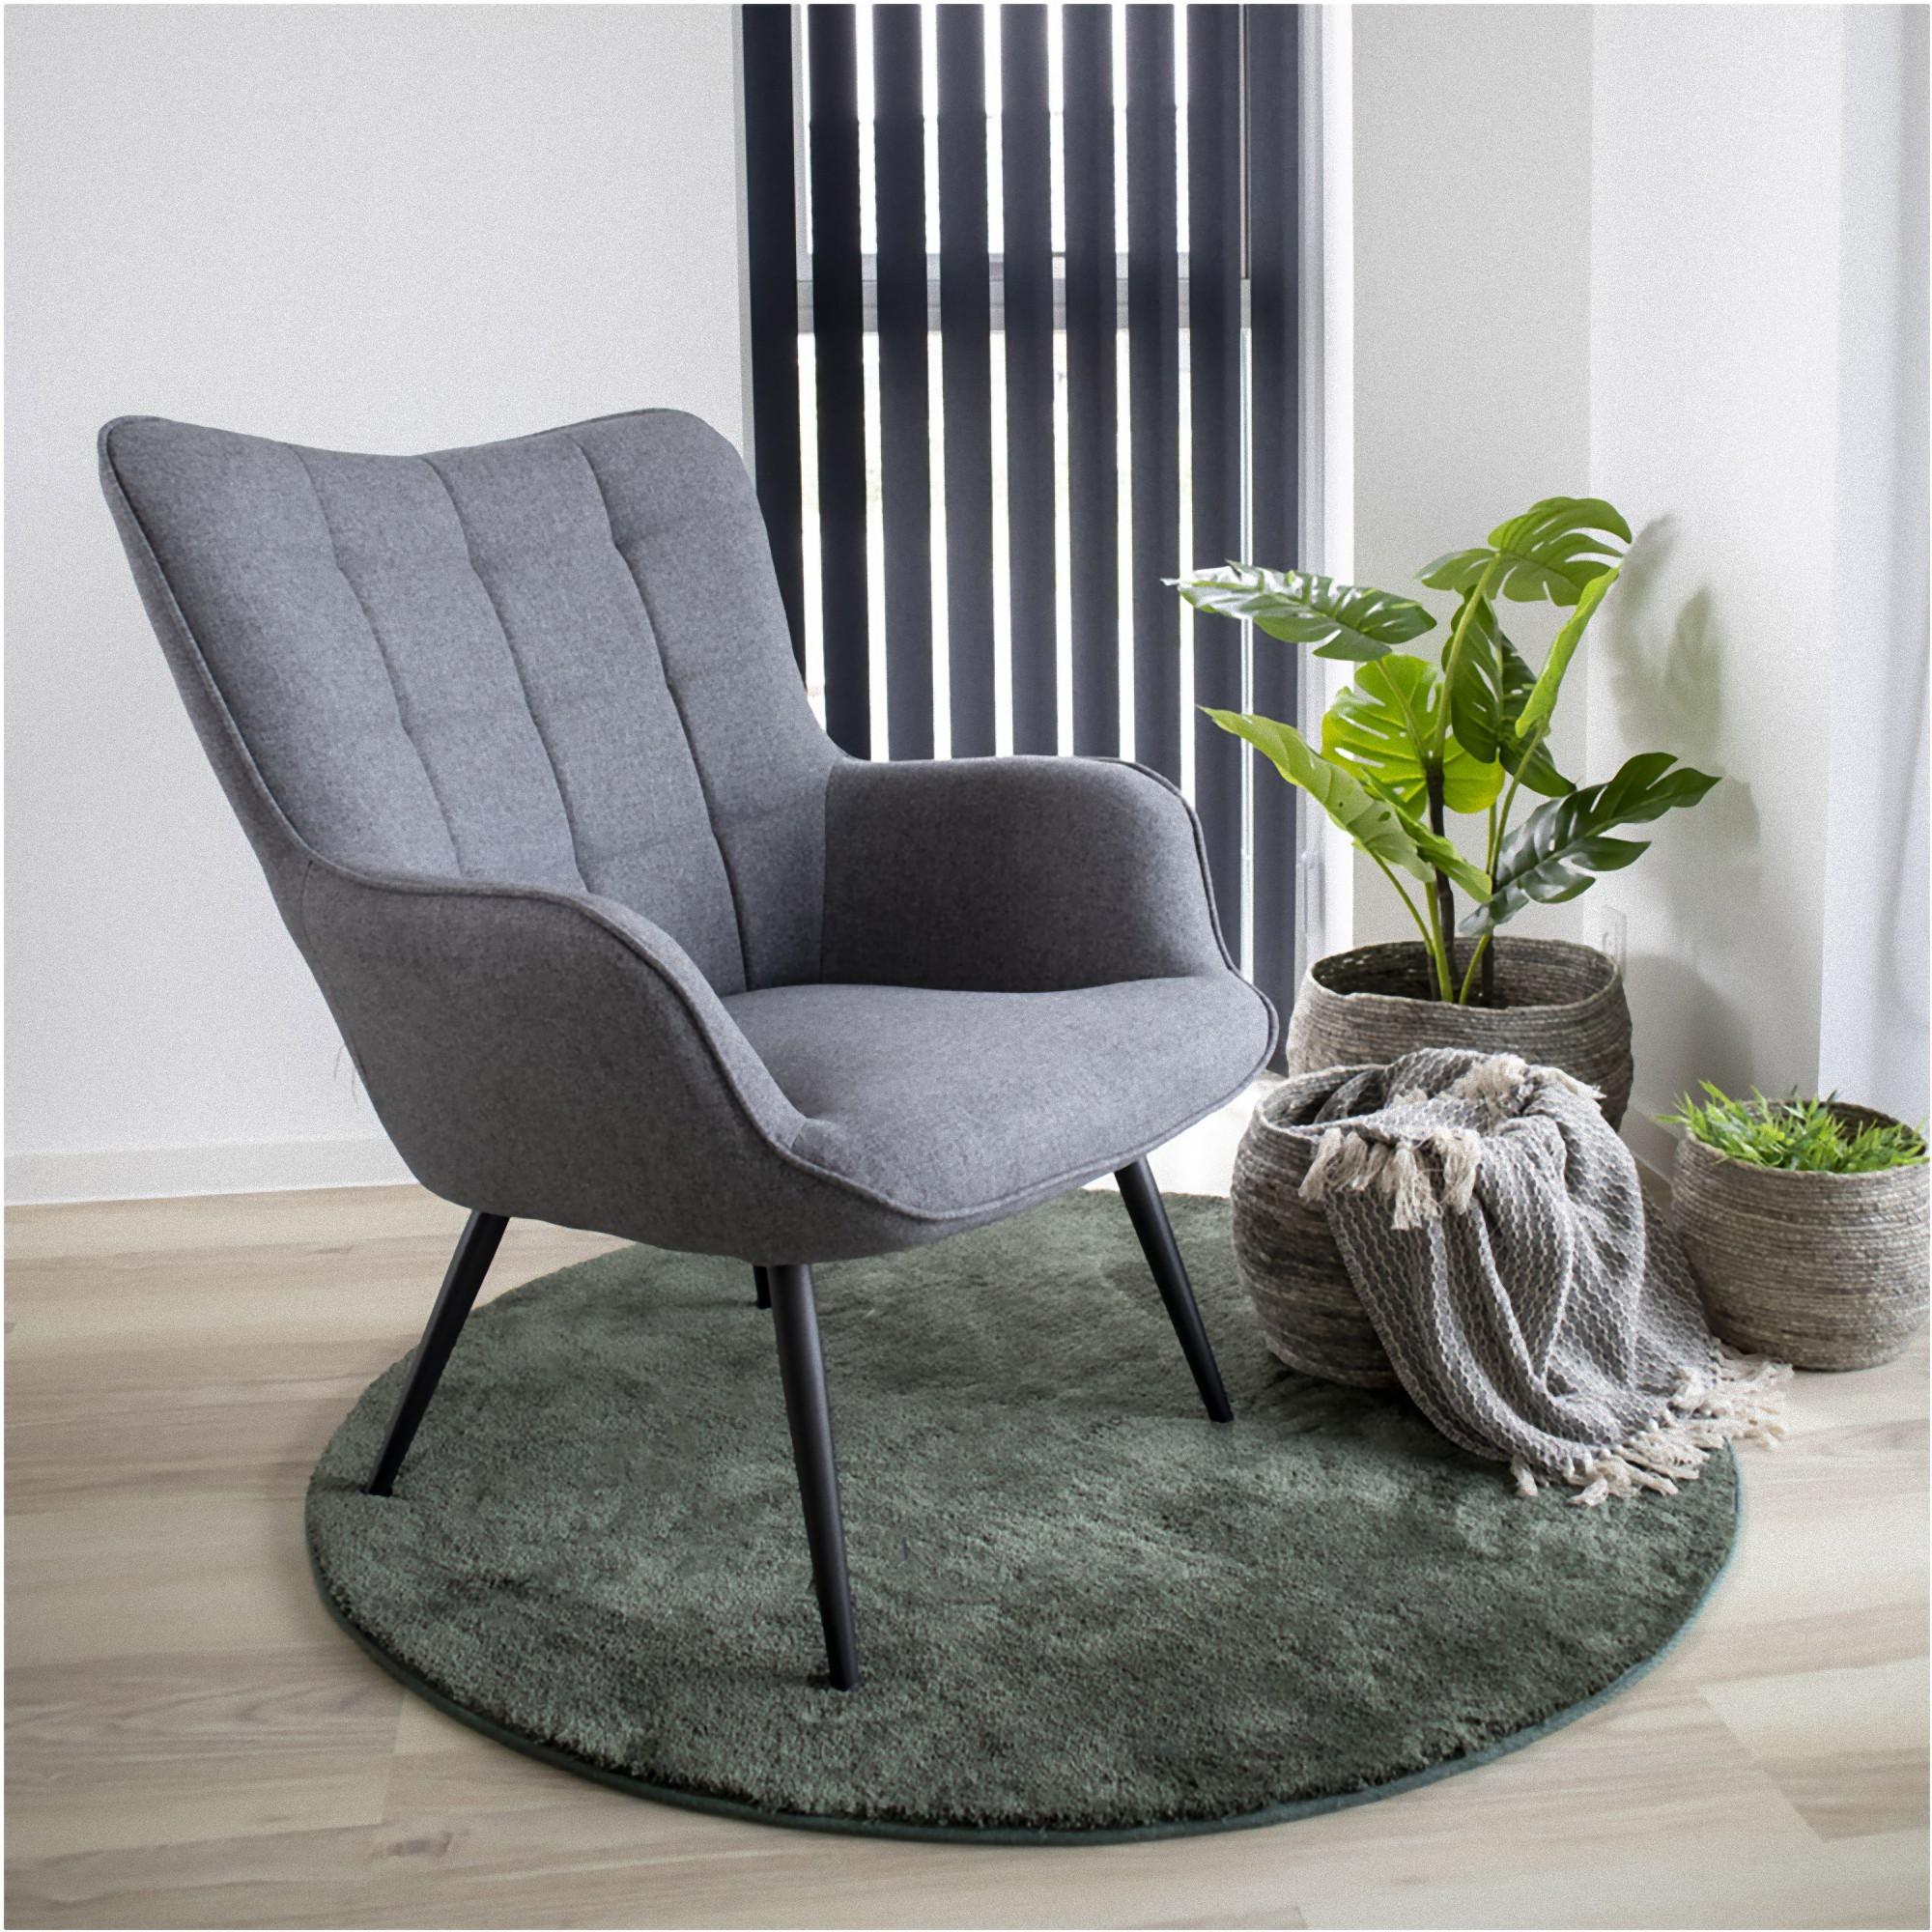 Flagstaf Teppich O120 Cm Grun Rund Design Laufer Wohnzimmer Esszimmer Modern Dynamic 24 De